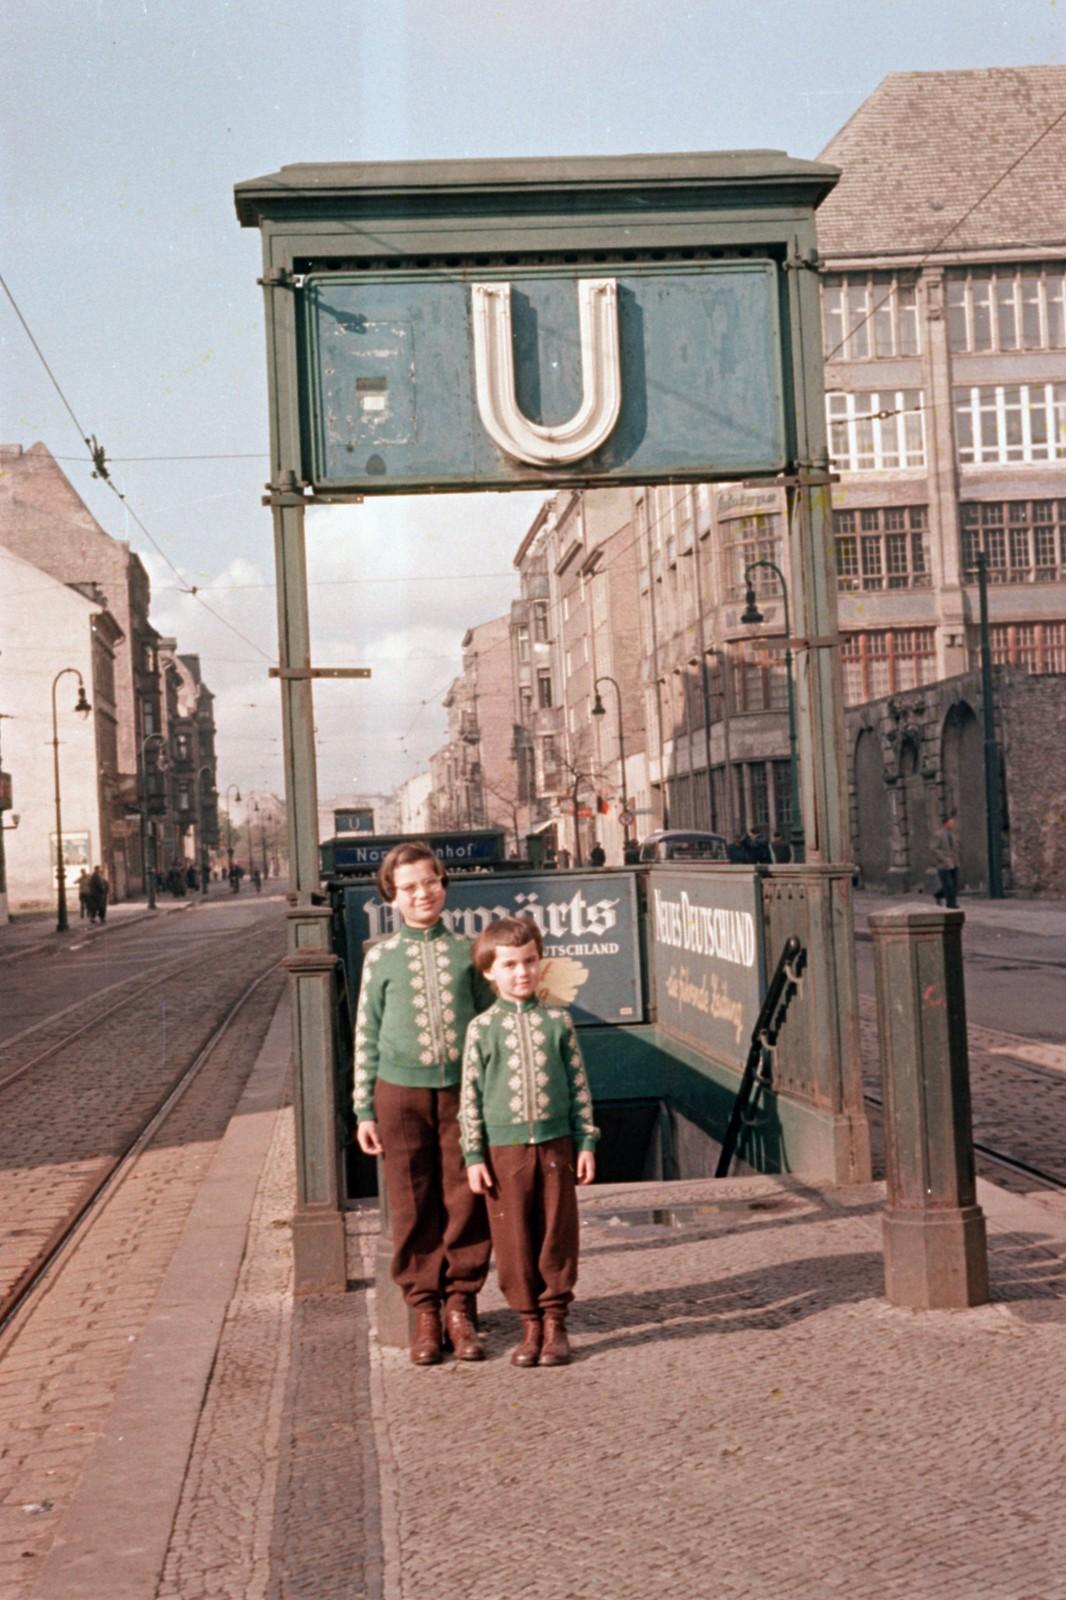 02.Восточный Берлин. Шоссештрассе, если смотреть со стороны Инвалиденштрассе, справа находится дом на углу Цинновитцер Штрассе. Станция метро еверного вокза